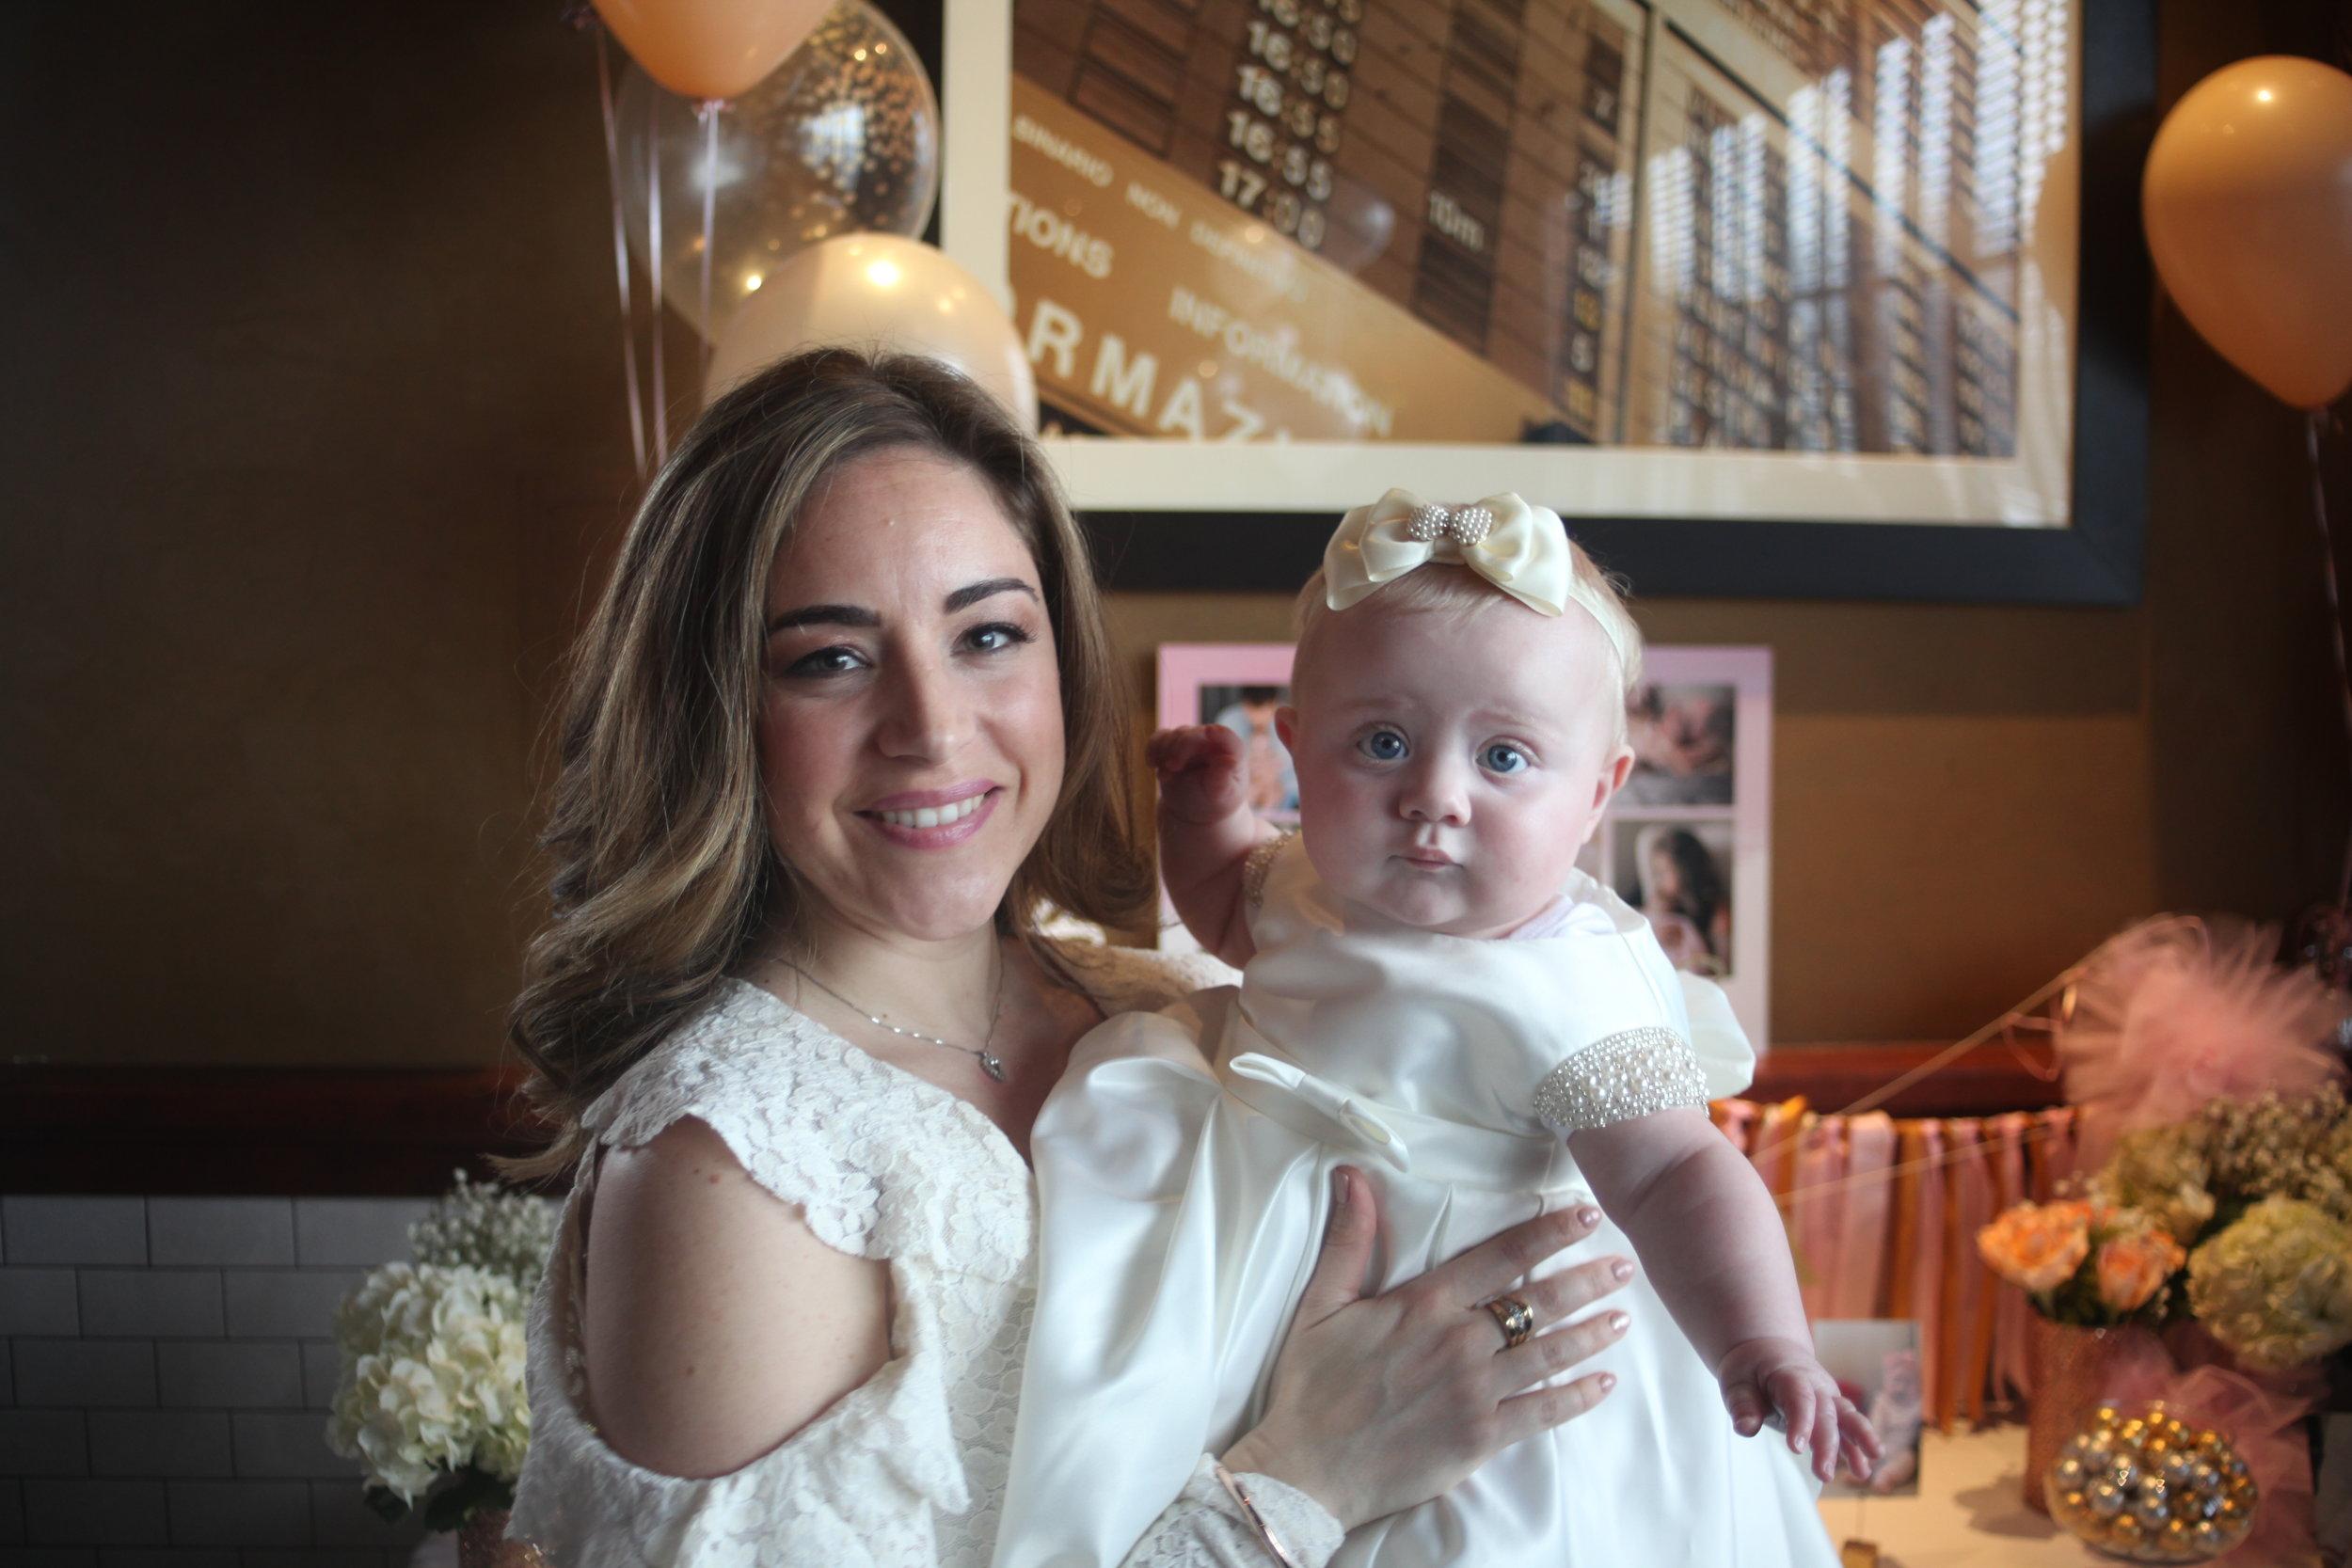 8 months into my postpartum journey